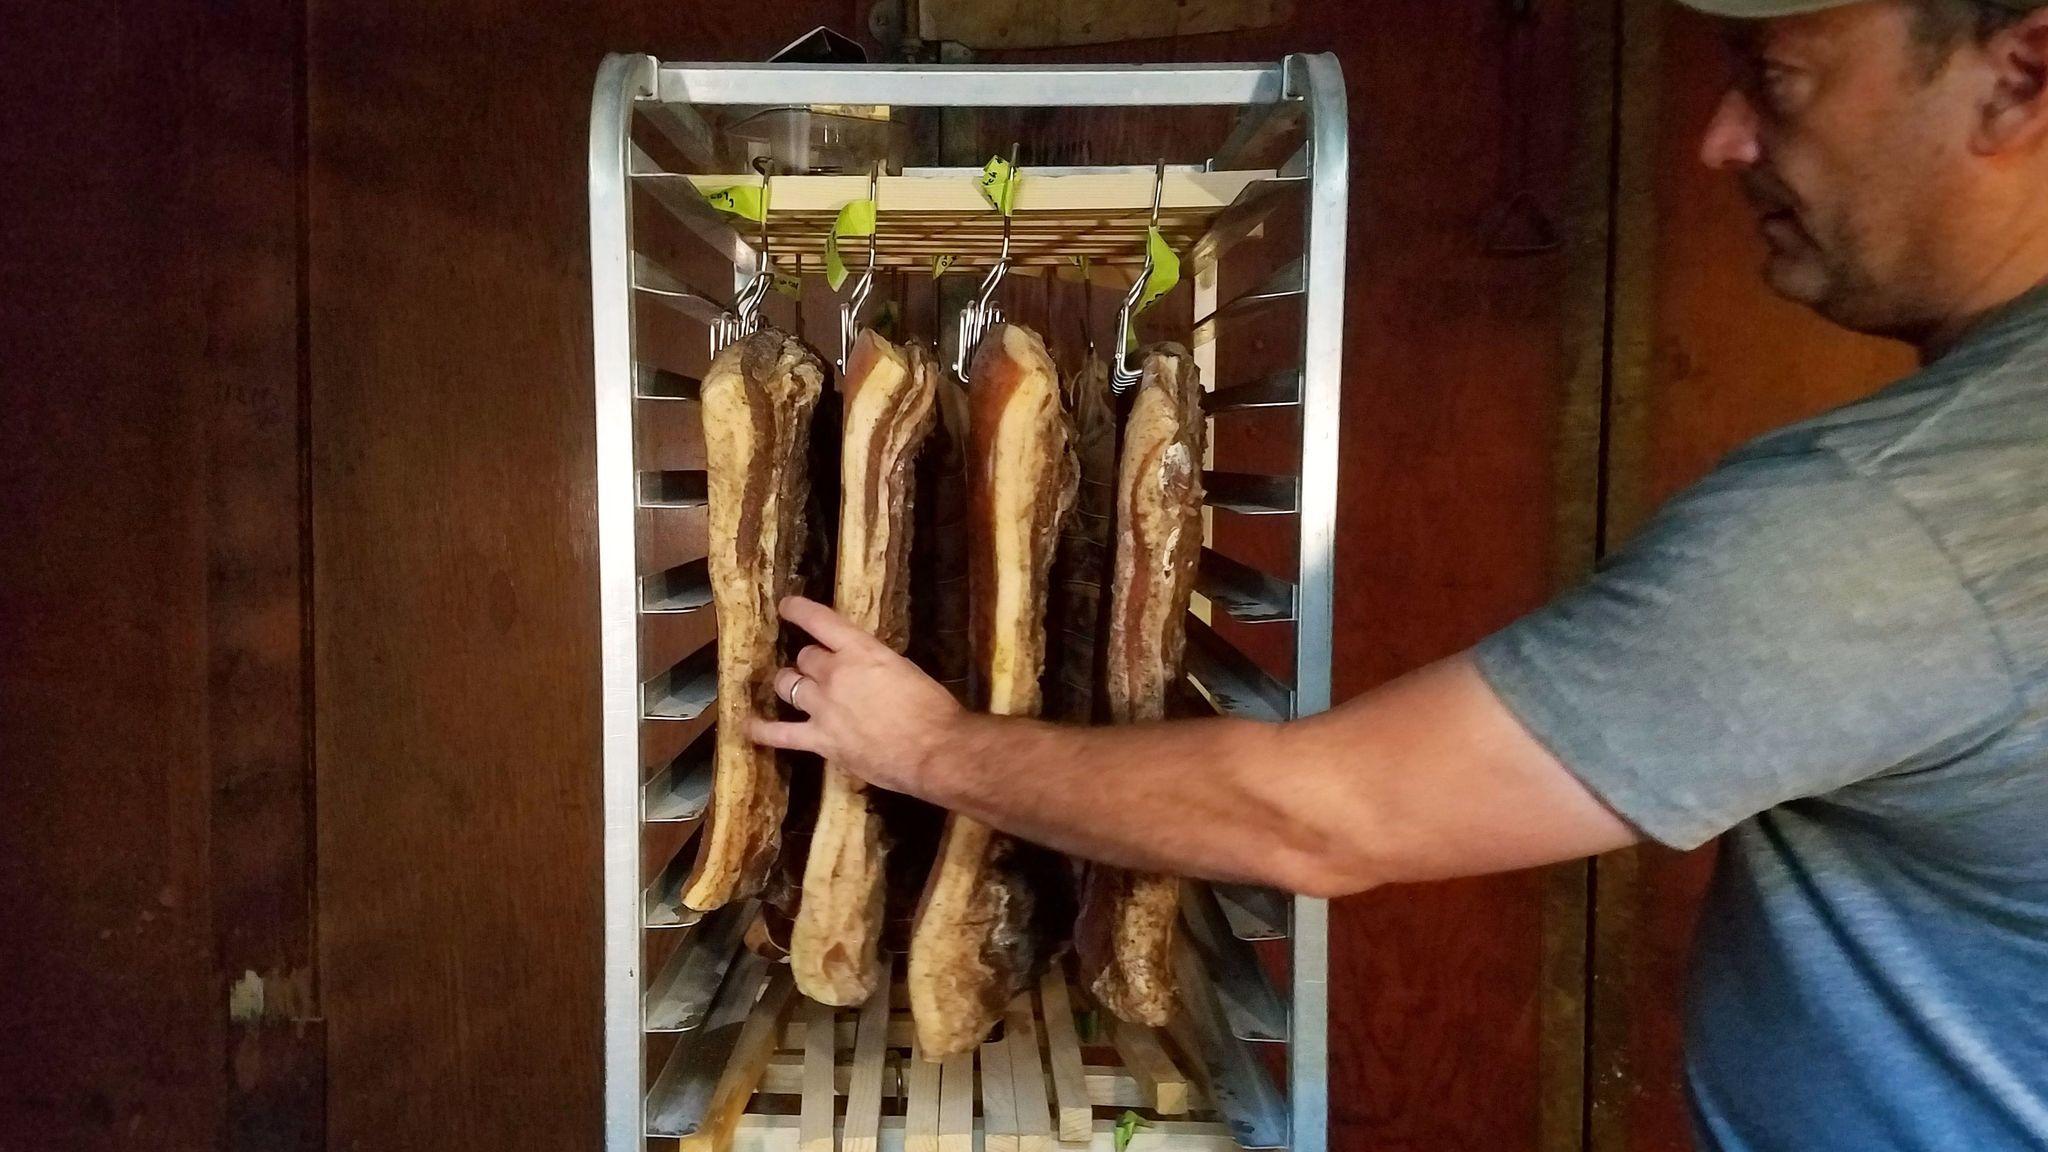 Chef Steve Samson checks in on some meat in the butcher locker at Rossoblu.